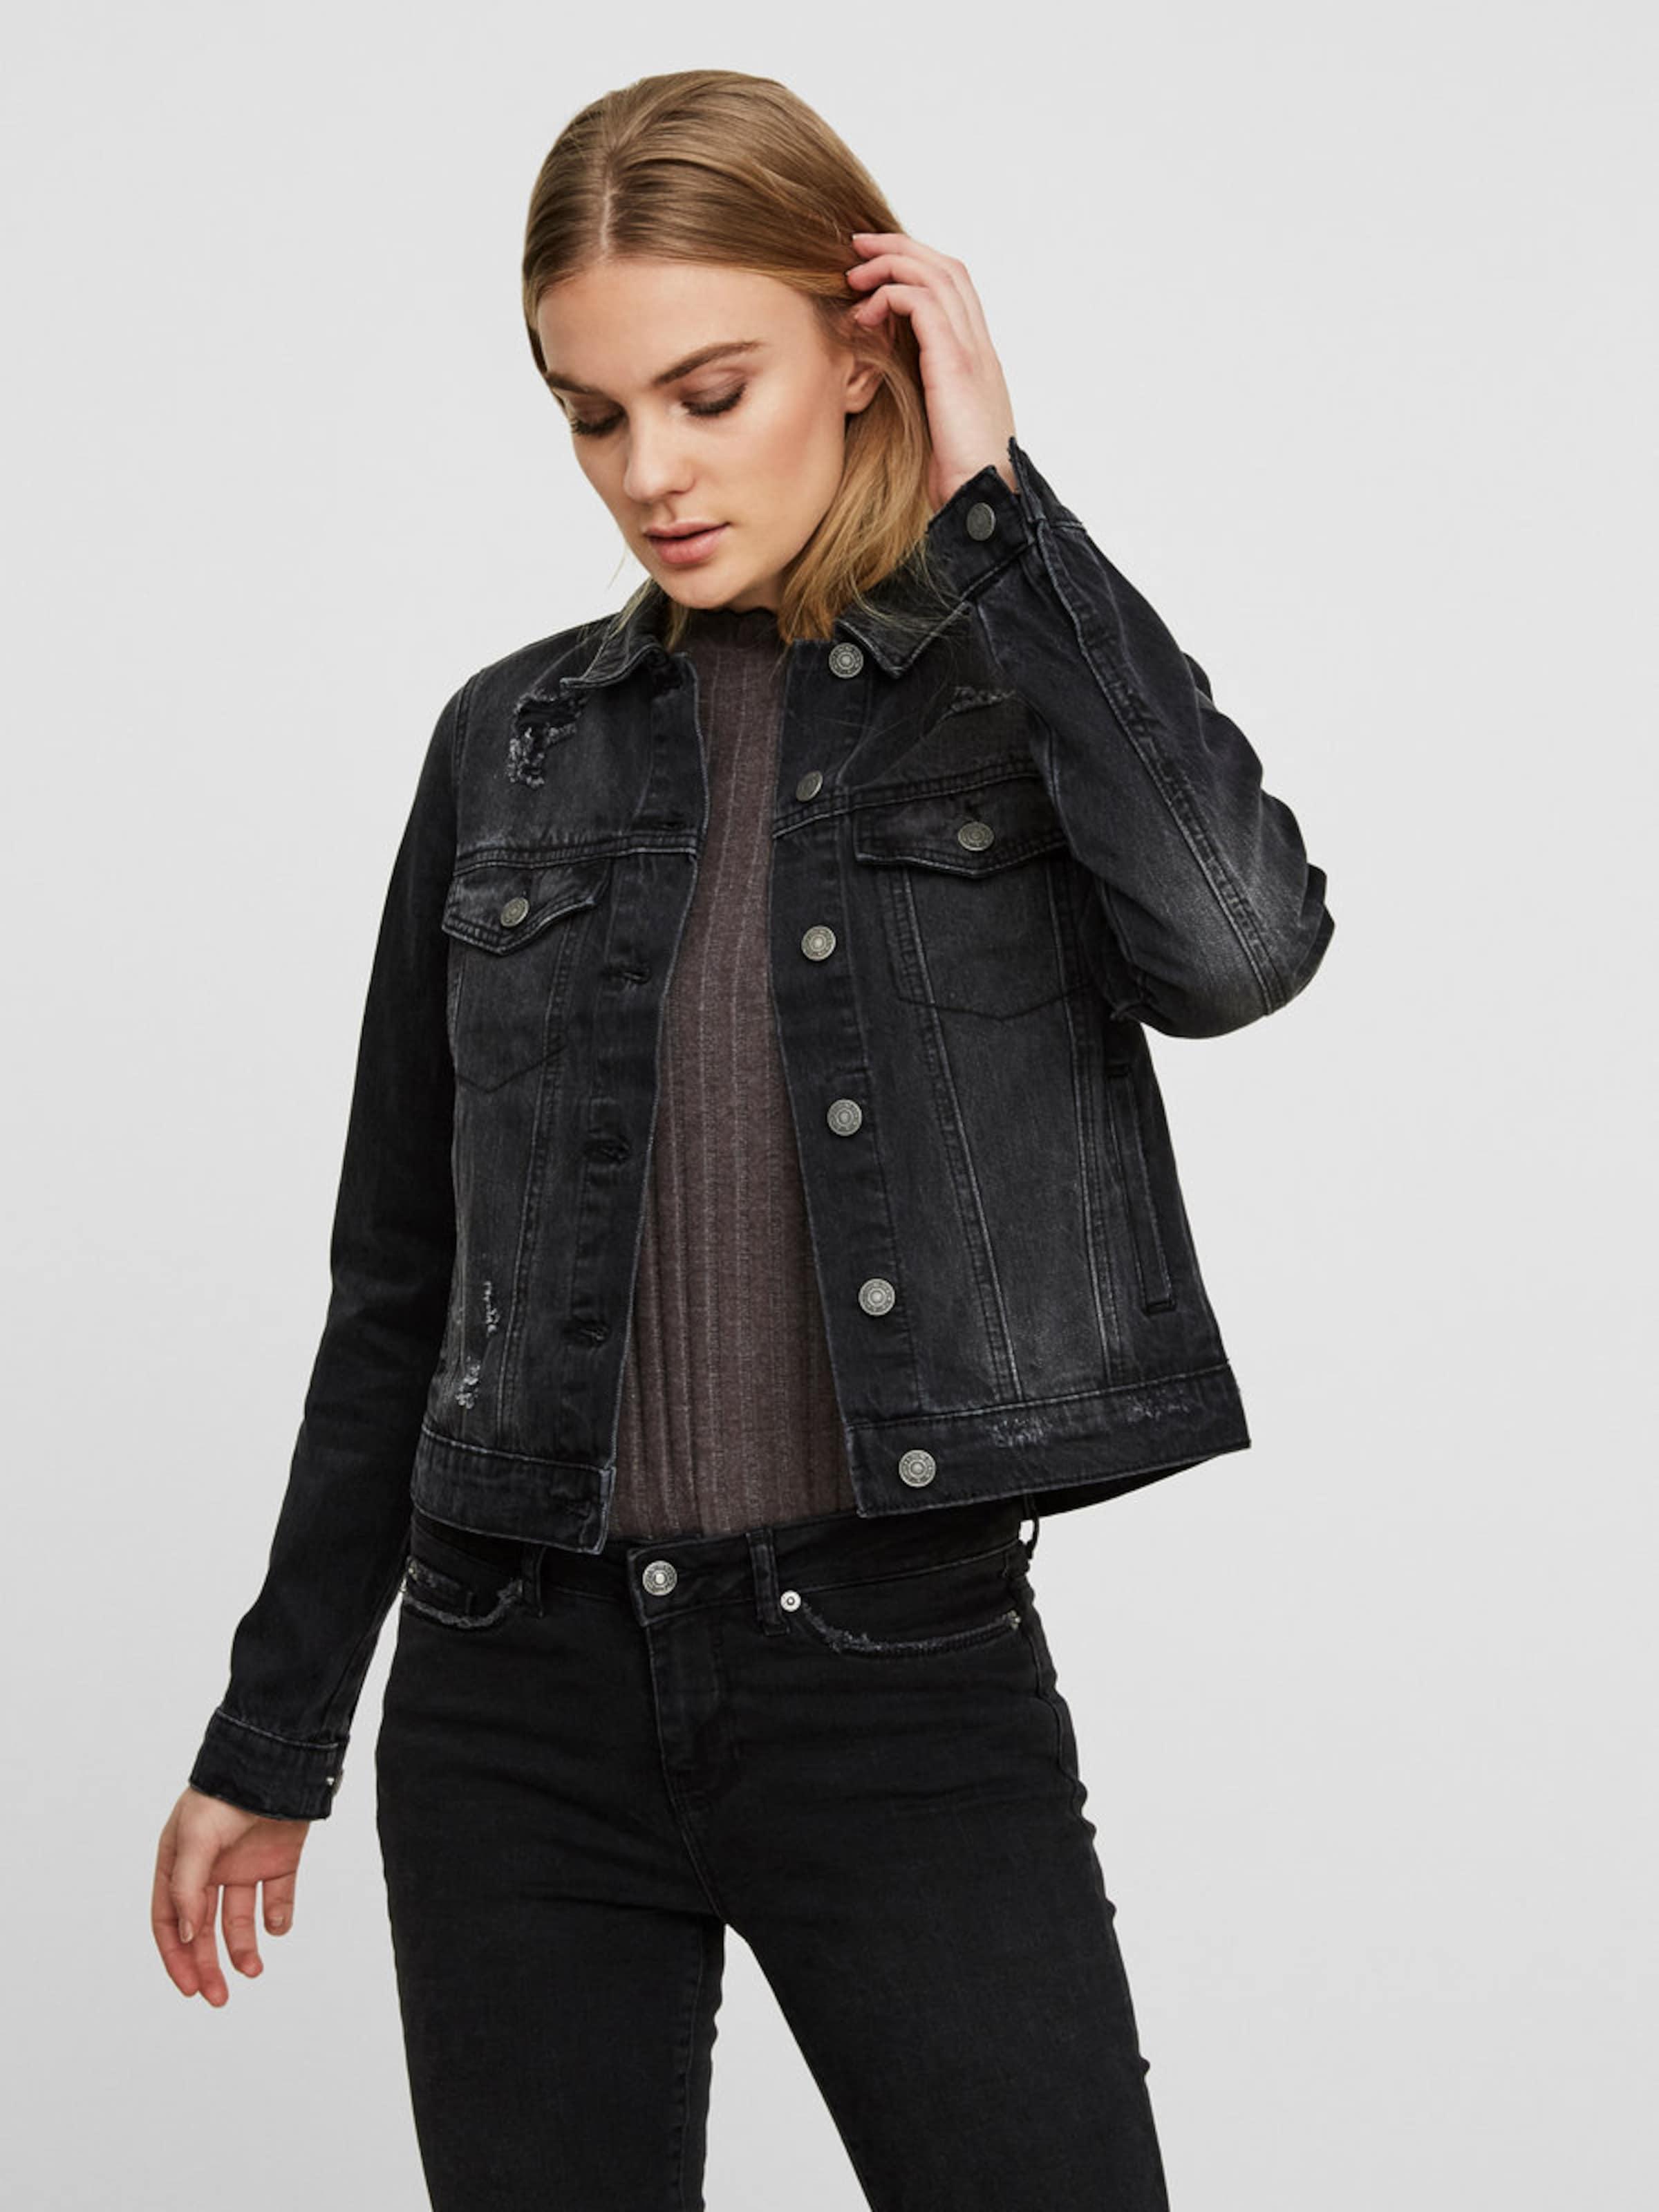 Spielraum Niedrigsten Preis Günstig Kaufen Spielraum VERO MODA Jeansjacke Online-Shop Aus Deutschland Die Günstigste Zum Verkauf Sehr Billig BtI1mr